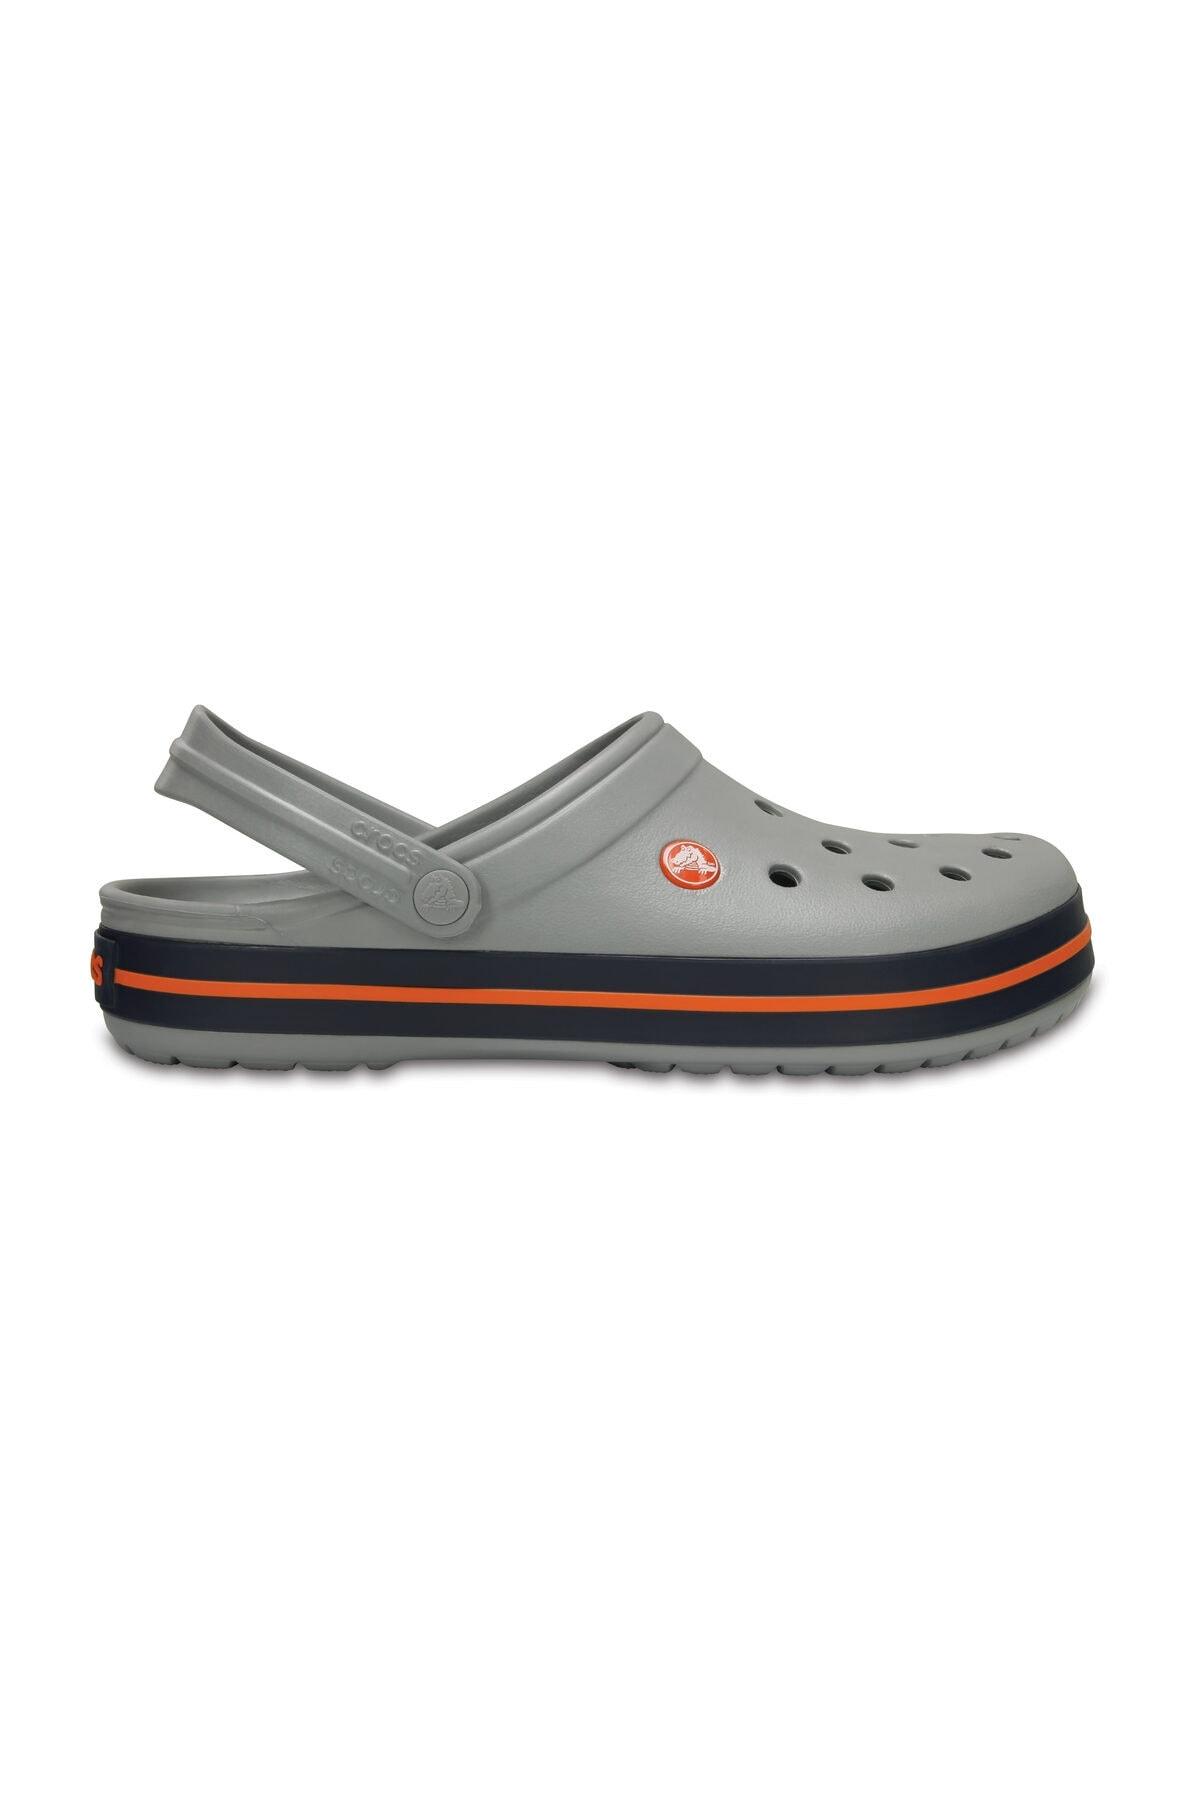 Crocs Gri Unisex Crocband Kenarı Turuncu Çizgili Terlik 1